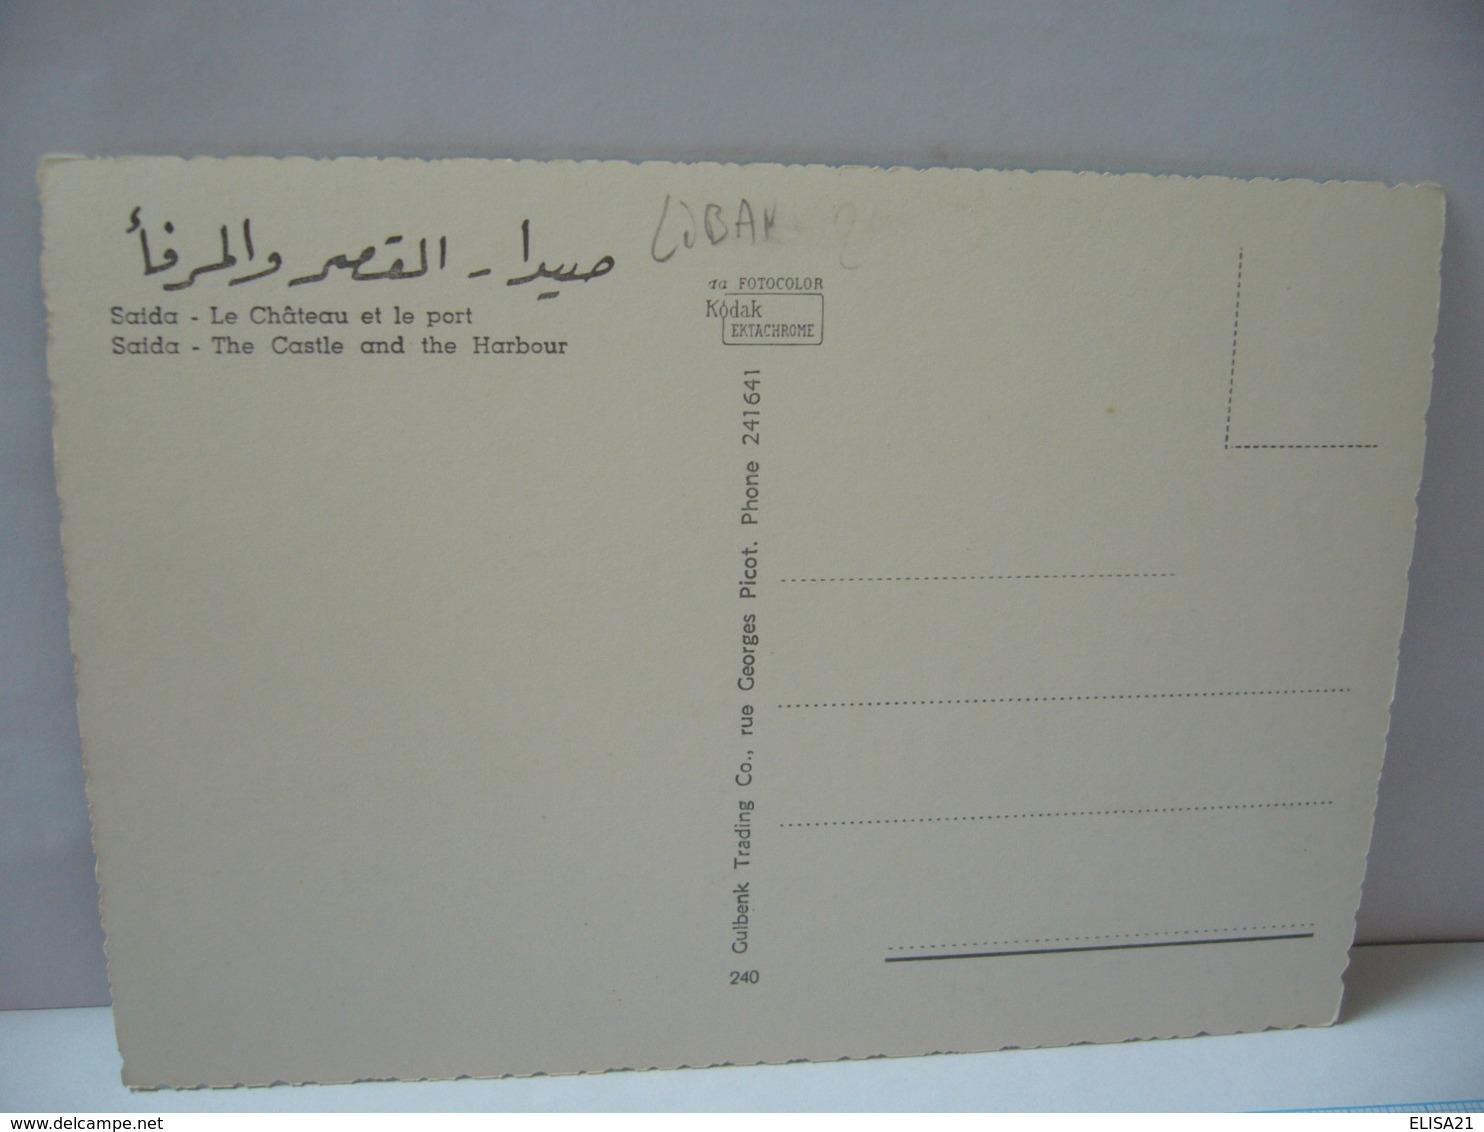 SAIDA LIBAN LEBANON LE CHÂTEAU ET LE PORT THE CASTLE AND THE HARBOUR CPSM - Libanon